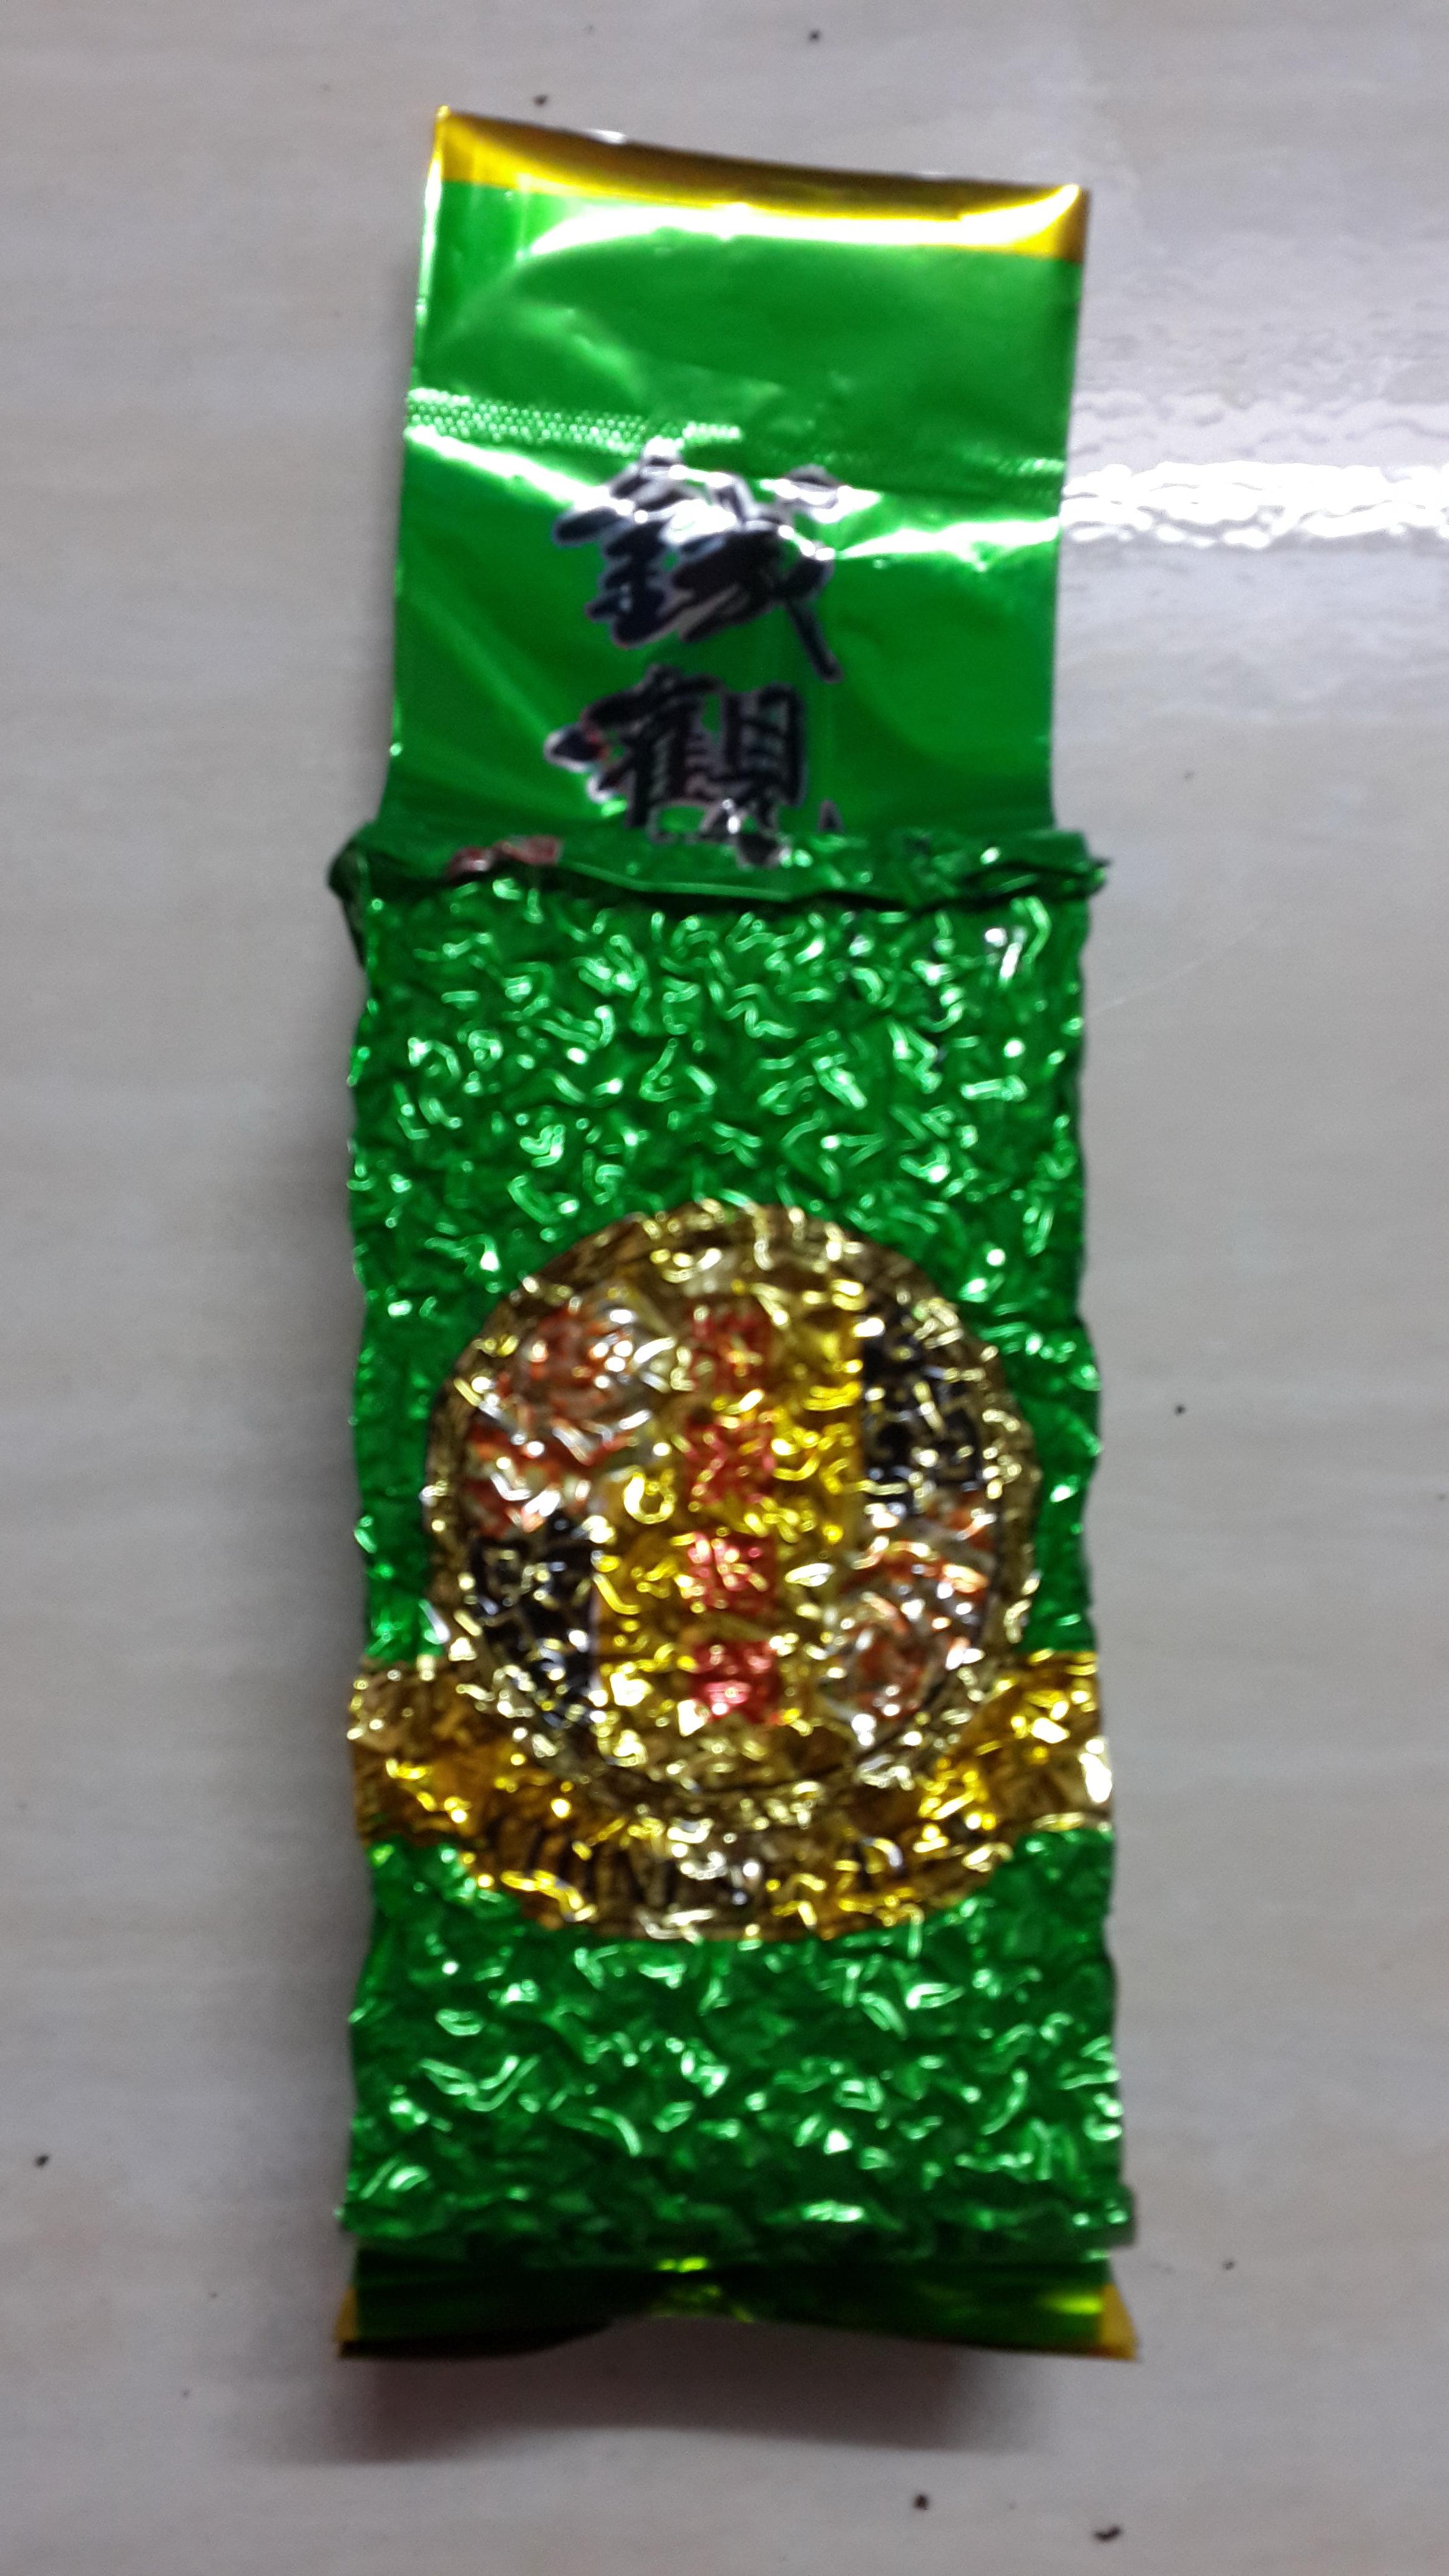 ชาทิกวนอิม เกรด A น้ำหนัก 1 กิโลกรัม เกรดชาระดับดี